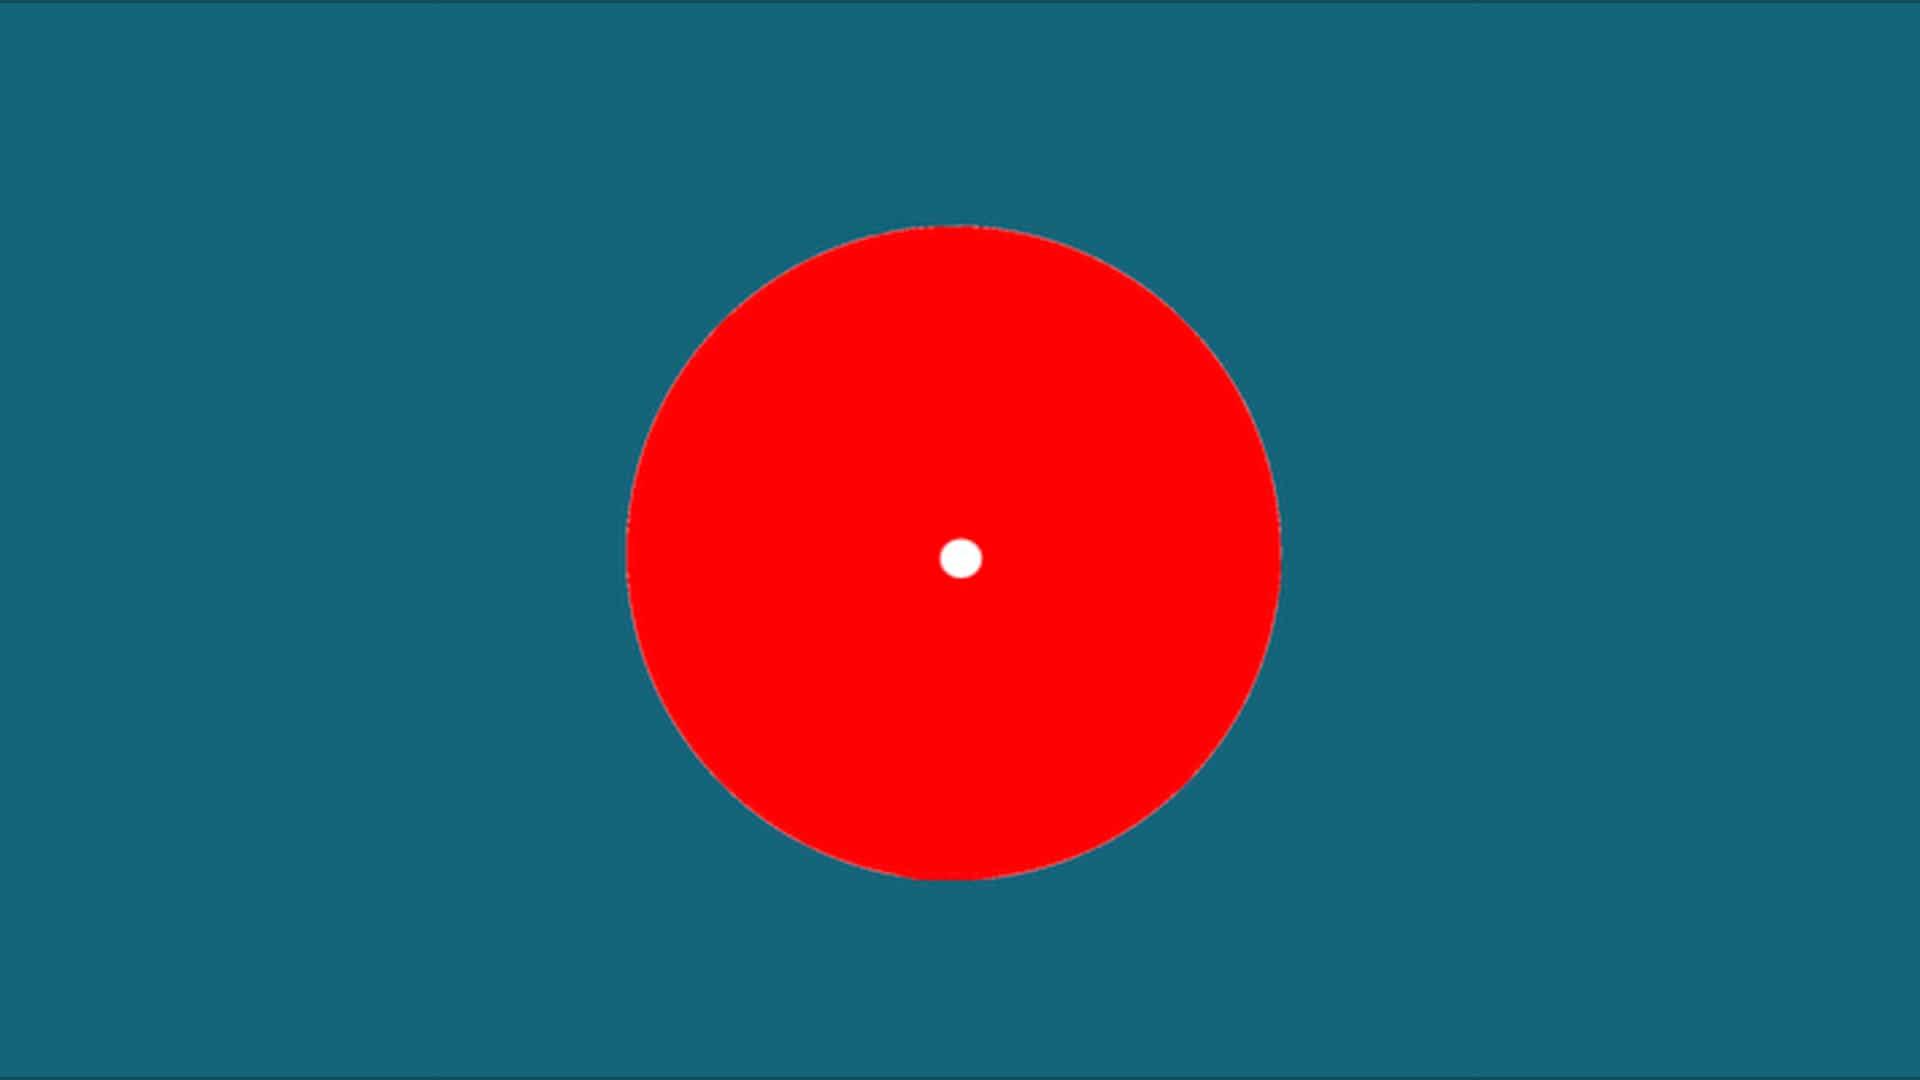 Esta asombrosa ilusión óptica podría mostrarte un color completamente nuevo.